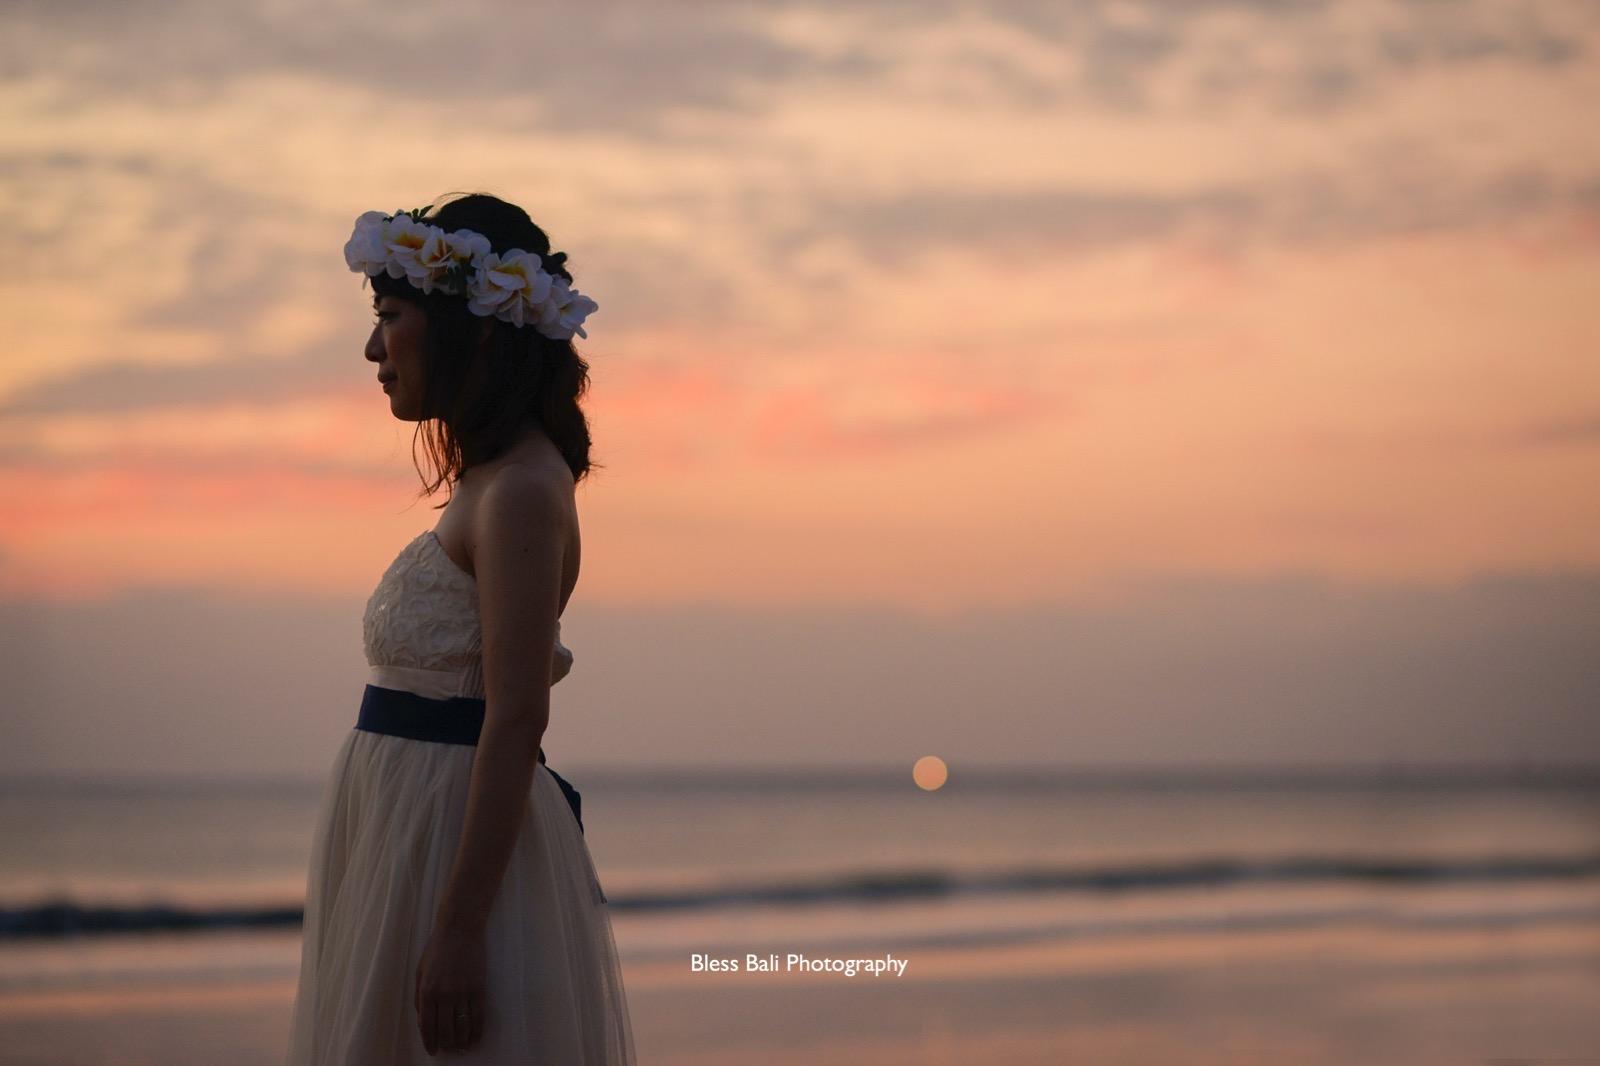 エンパイアドレスの花嫁様